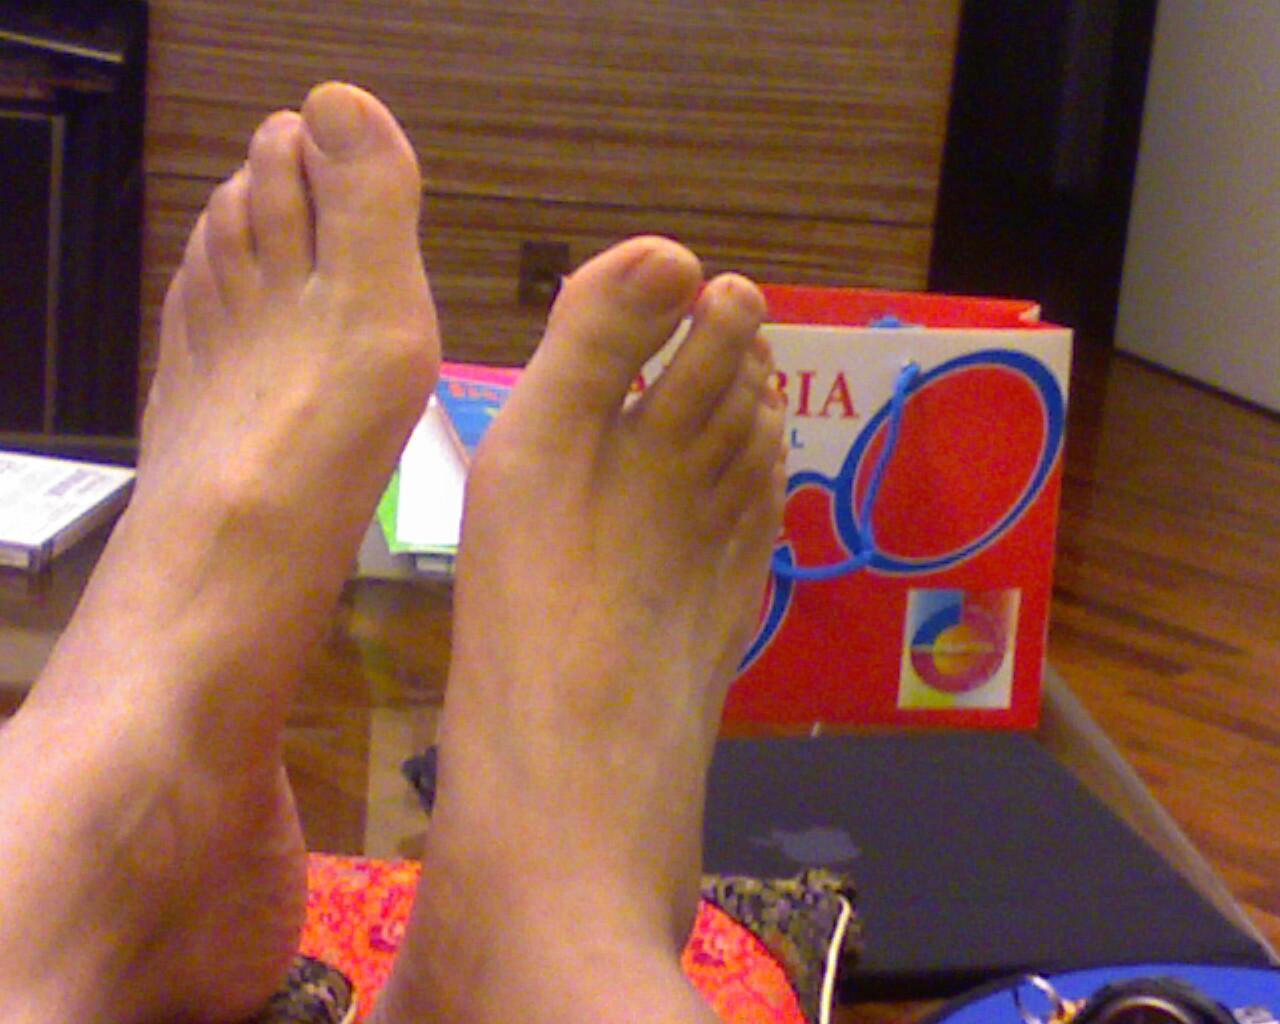 Mandolo was here Foot comparison